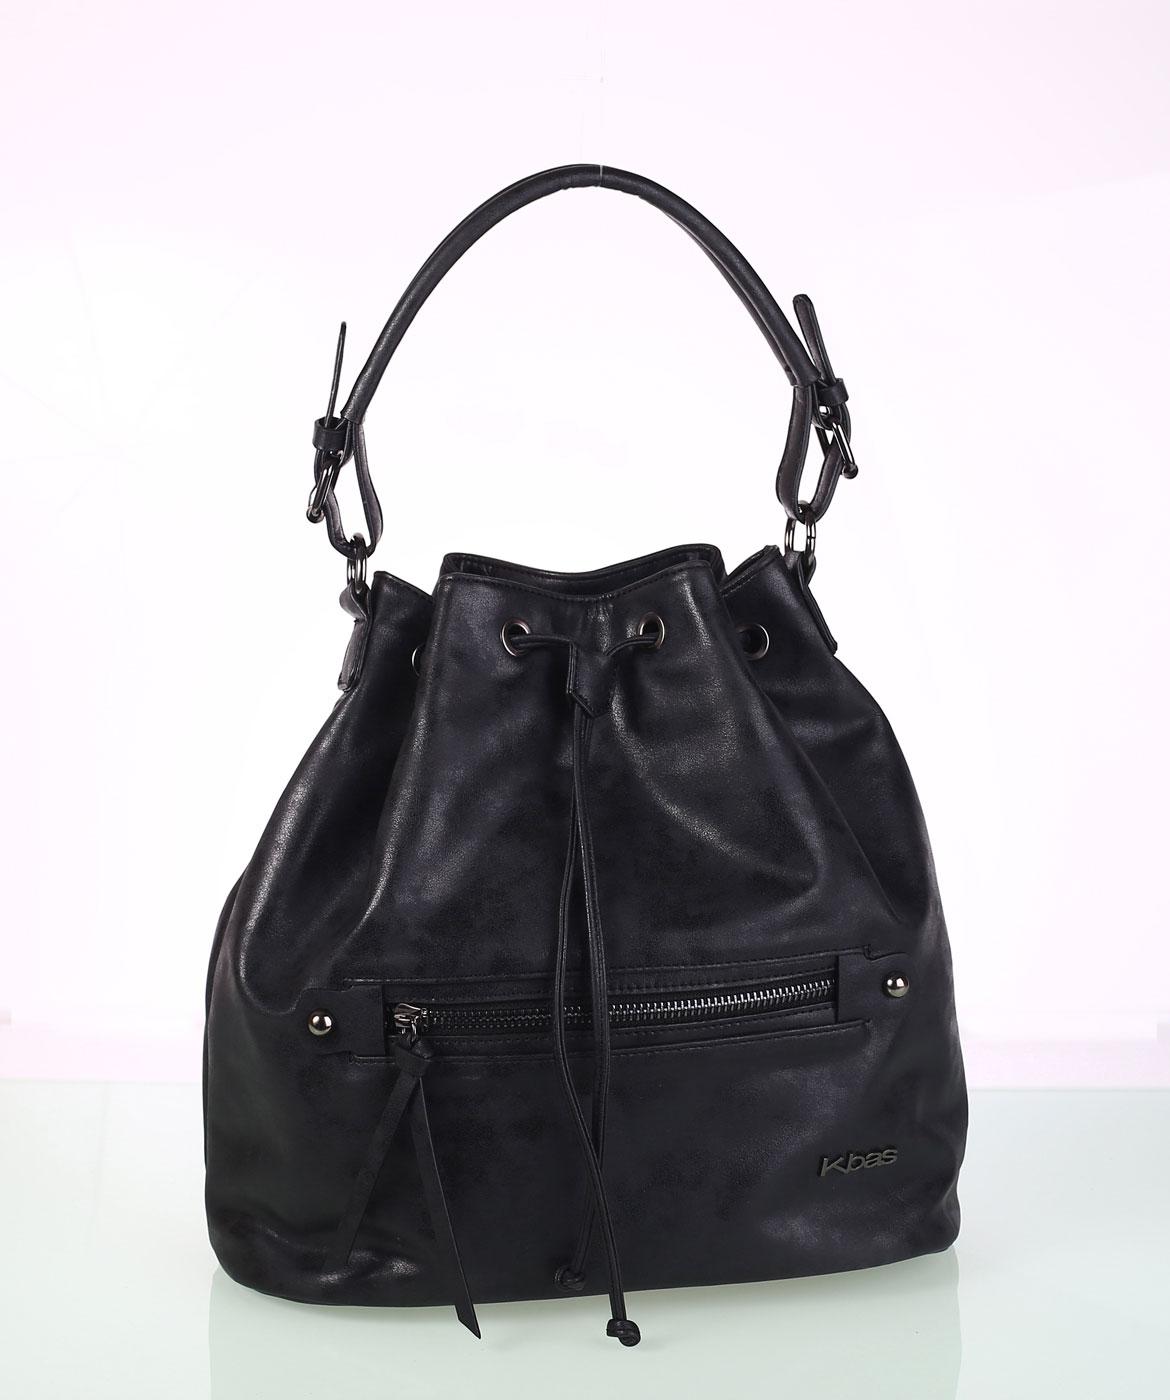 c338445e87 Elegáns női táska ekobőrből Kbas fémes visszfénnyel fekete